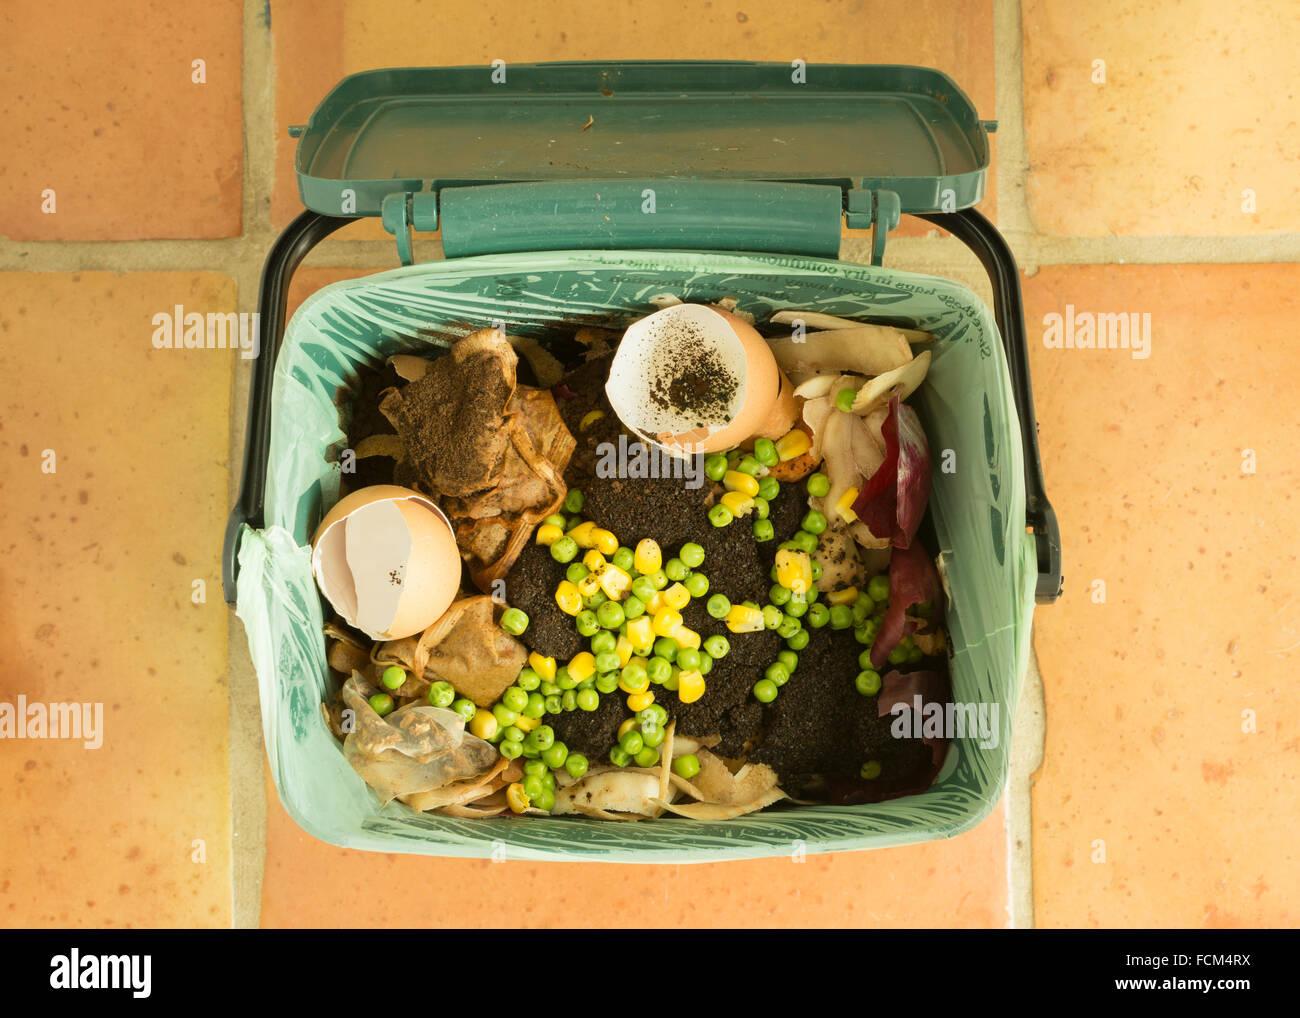 Los desperdicios de productos alimenticios - alimentos interiores caddy reciclaje llena de desechos de cocina para Imagen De Stock